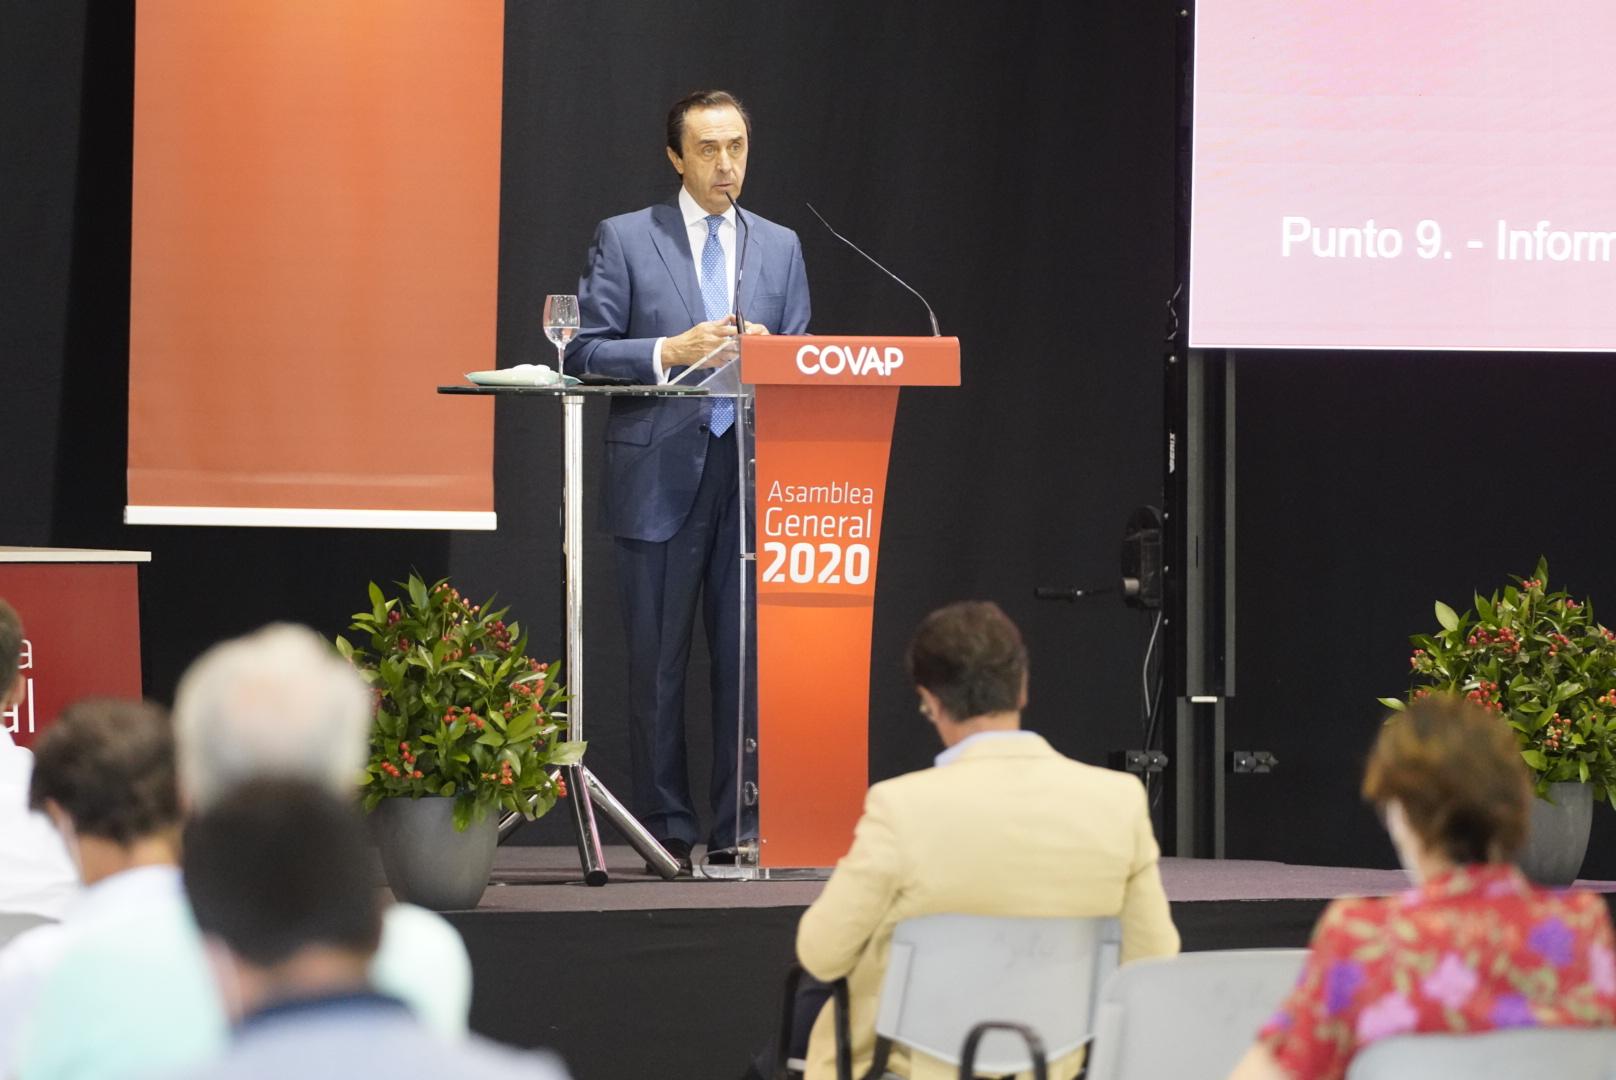 Asamblea General COVAP 2020 | COVAP